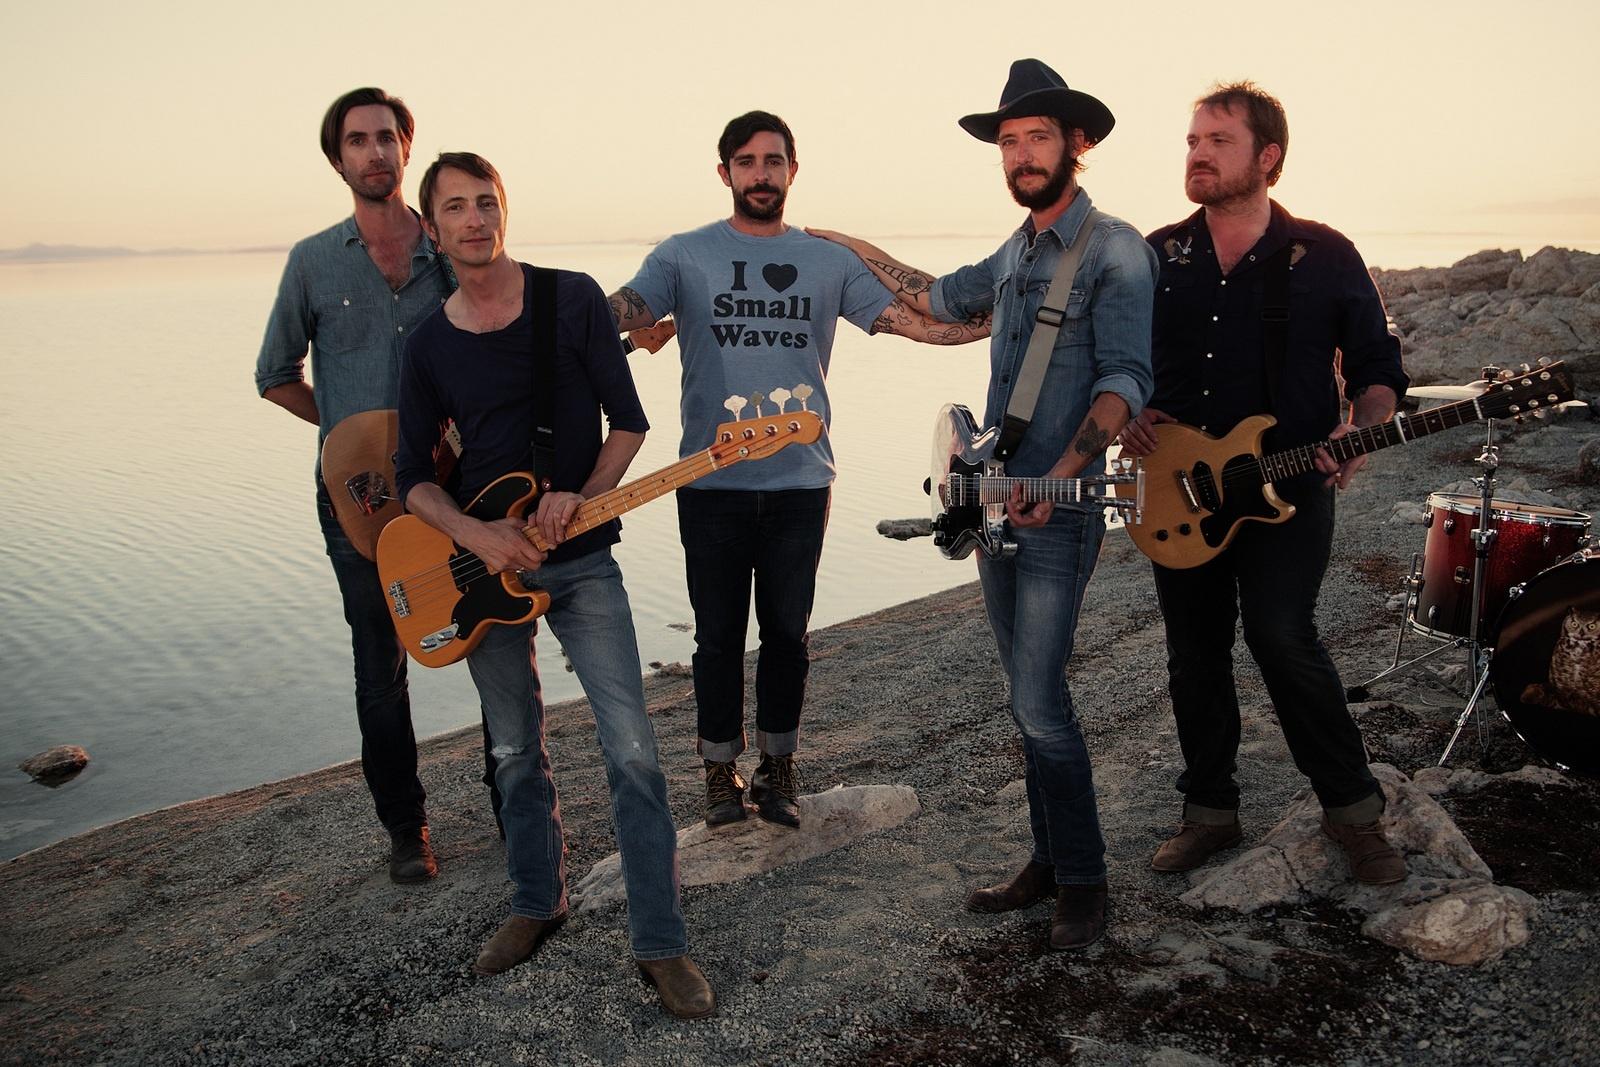 Los tornados de Oklahoma obligan a suspender el concierto de Band of Horses